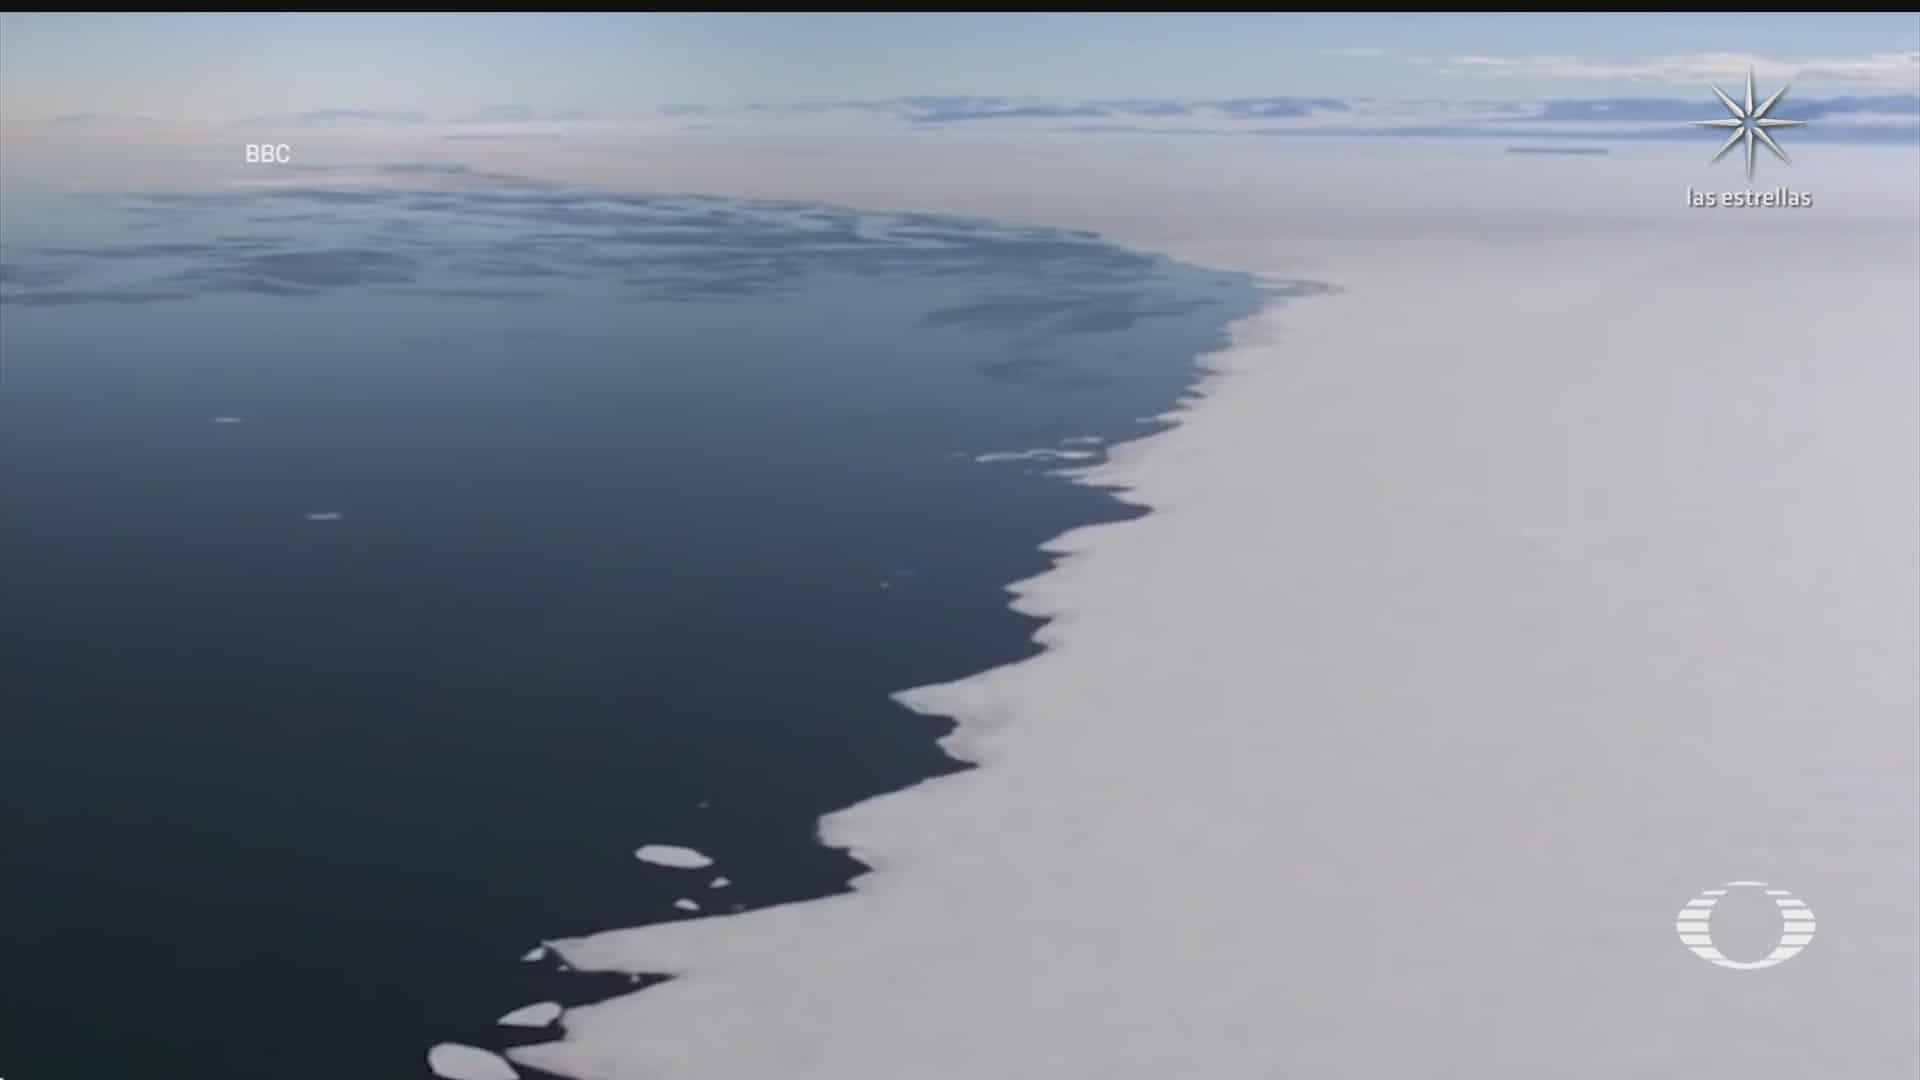 cientificos reconocen el quinto oceano